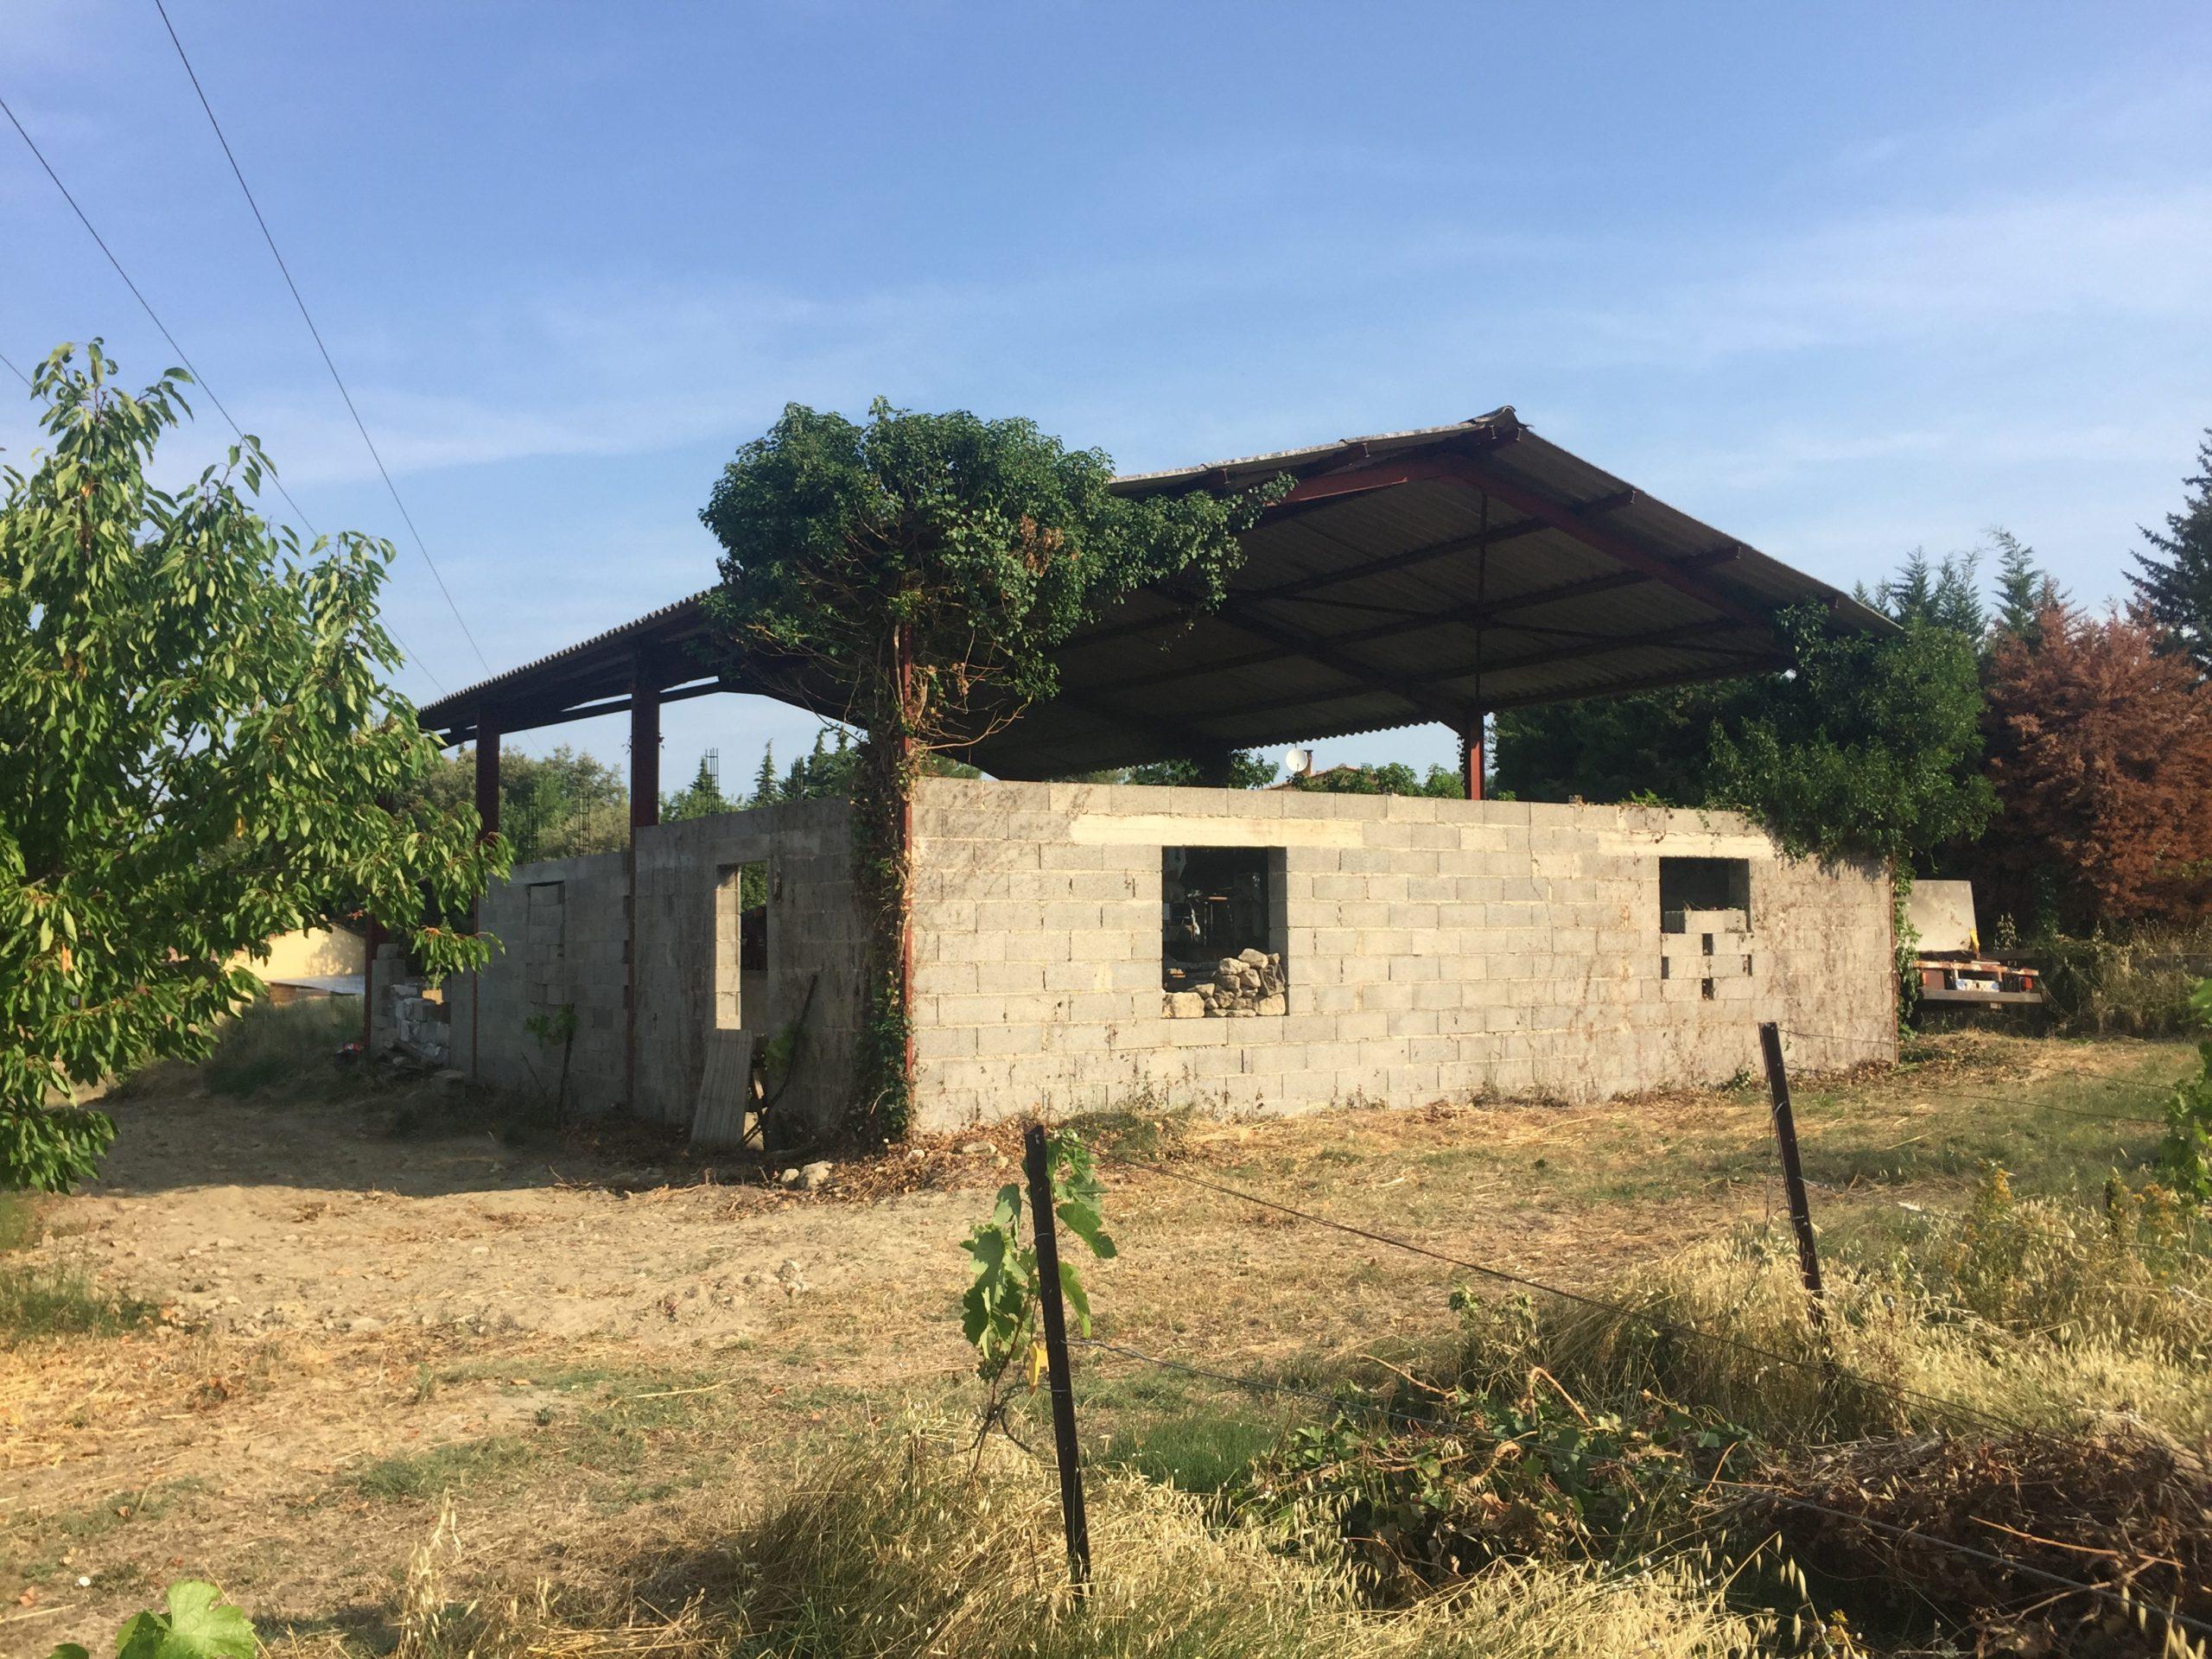 photo avant projet de création habitation dans hangar agricole